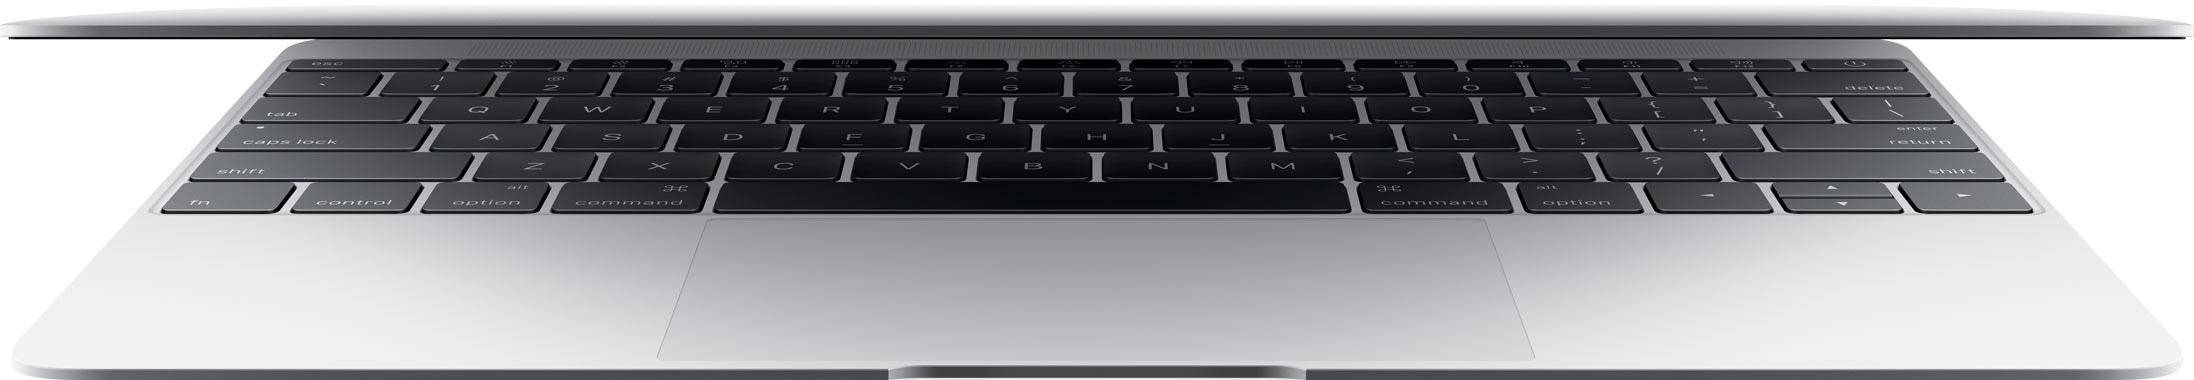 MacBook prata de 12 polegadas quase fechado com o teclado em destaque